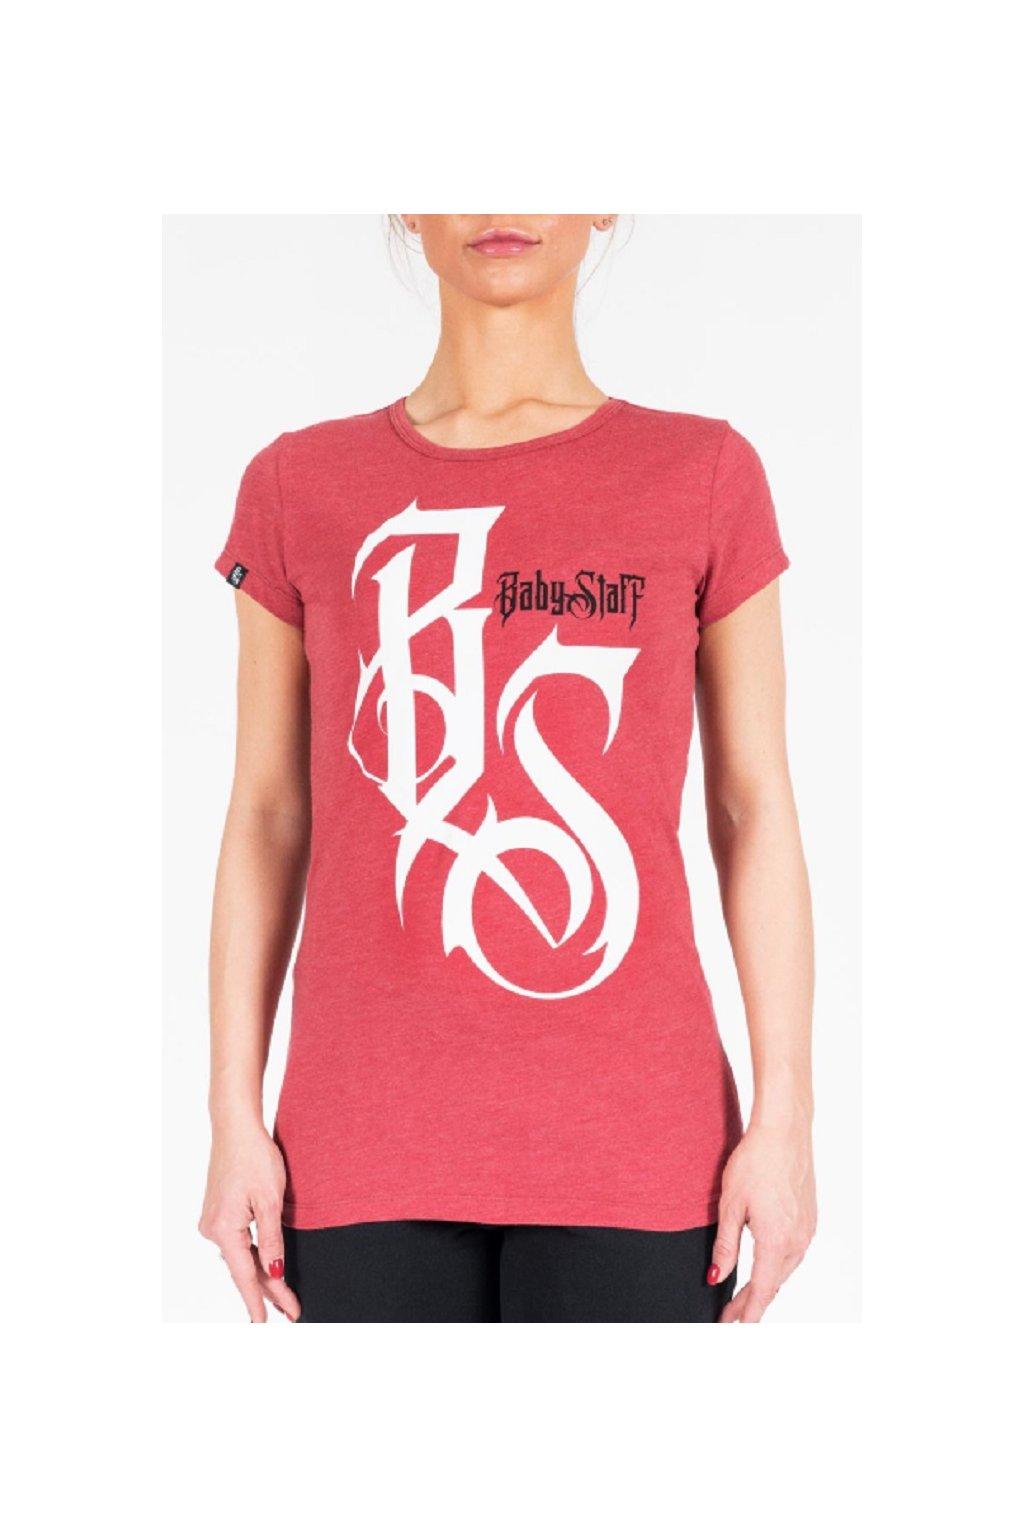 Babystaff dámské triko Isma Rosa přední strana